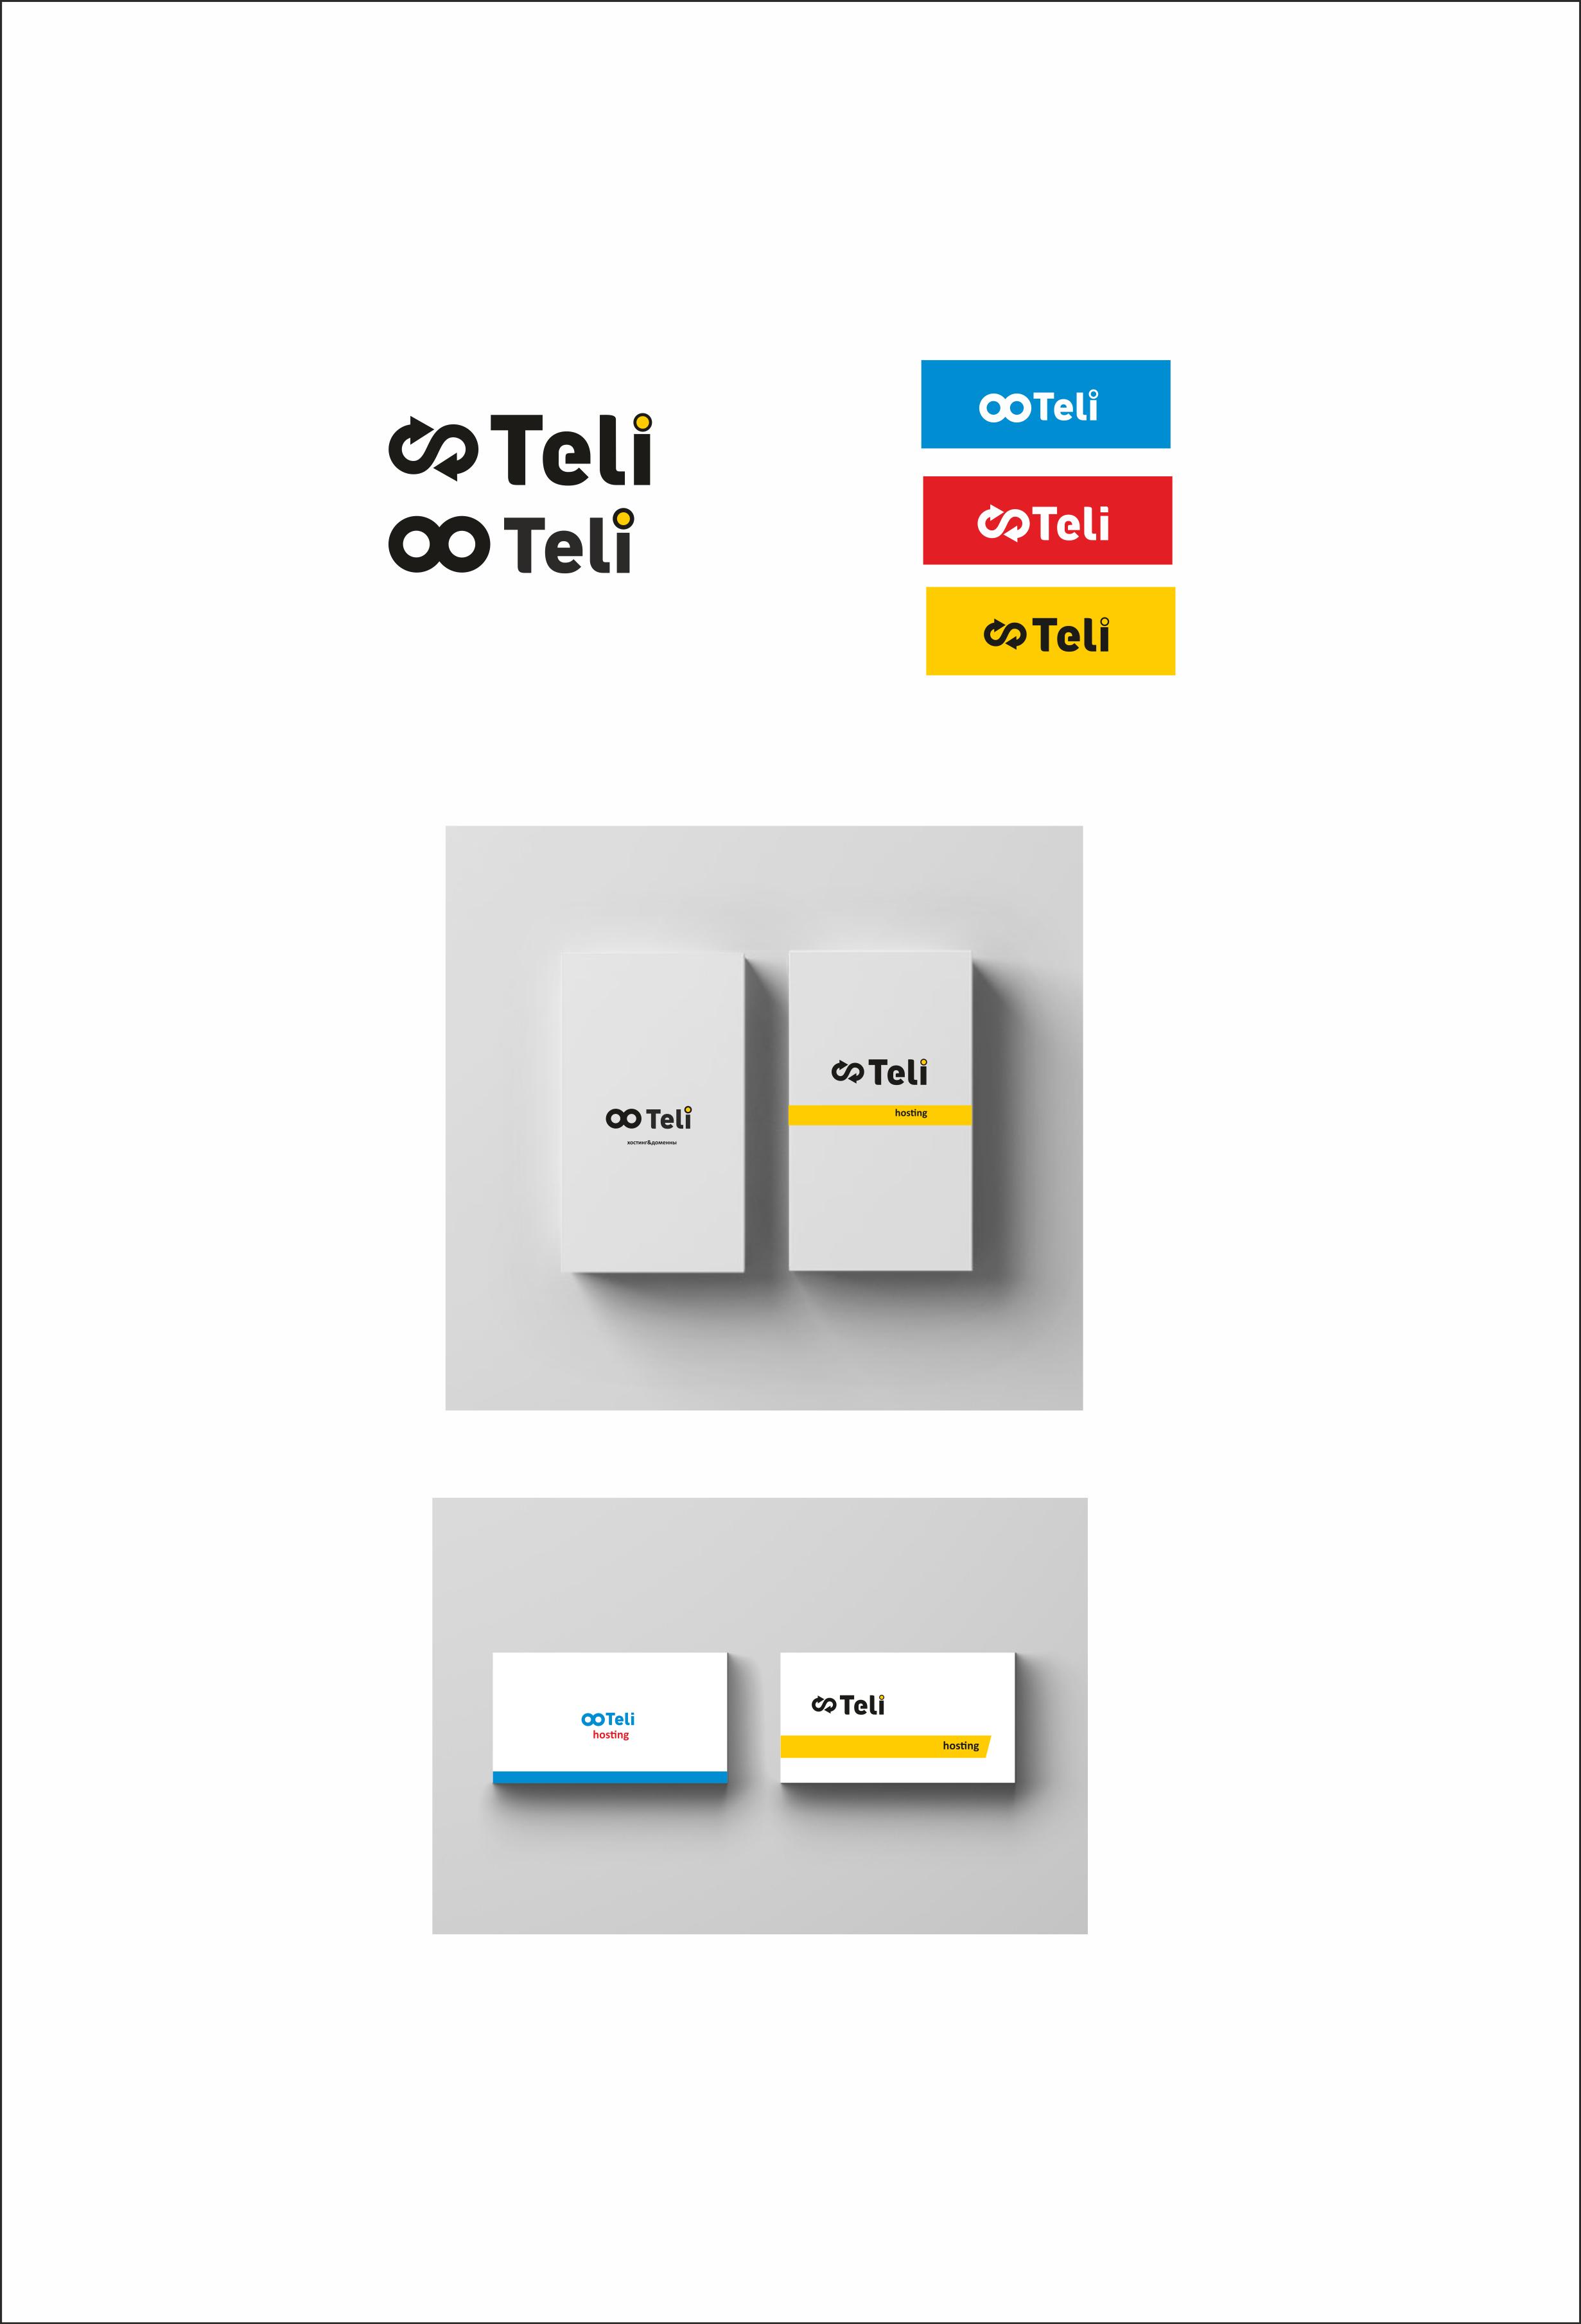 Разработка логотипа и фирменного стиля фото f_93758fc4b28e613e.png